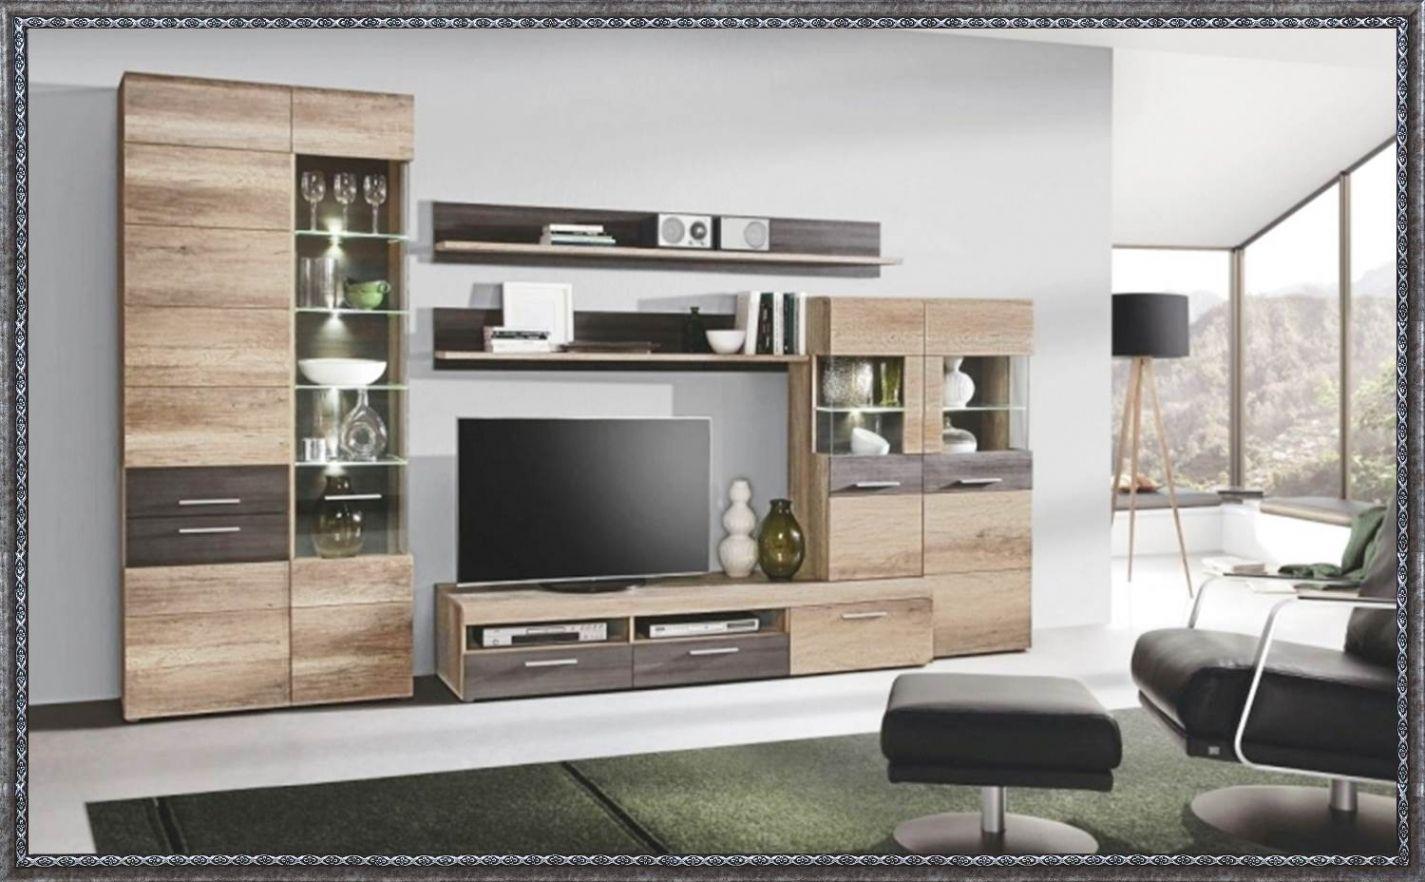 Schön Wohnzimmermöbel Poco  Home, Bedroom design, Home n decor